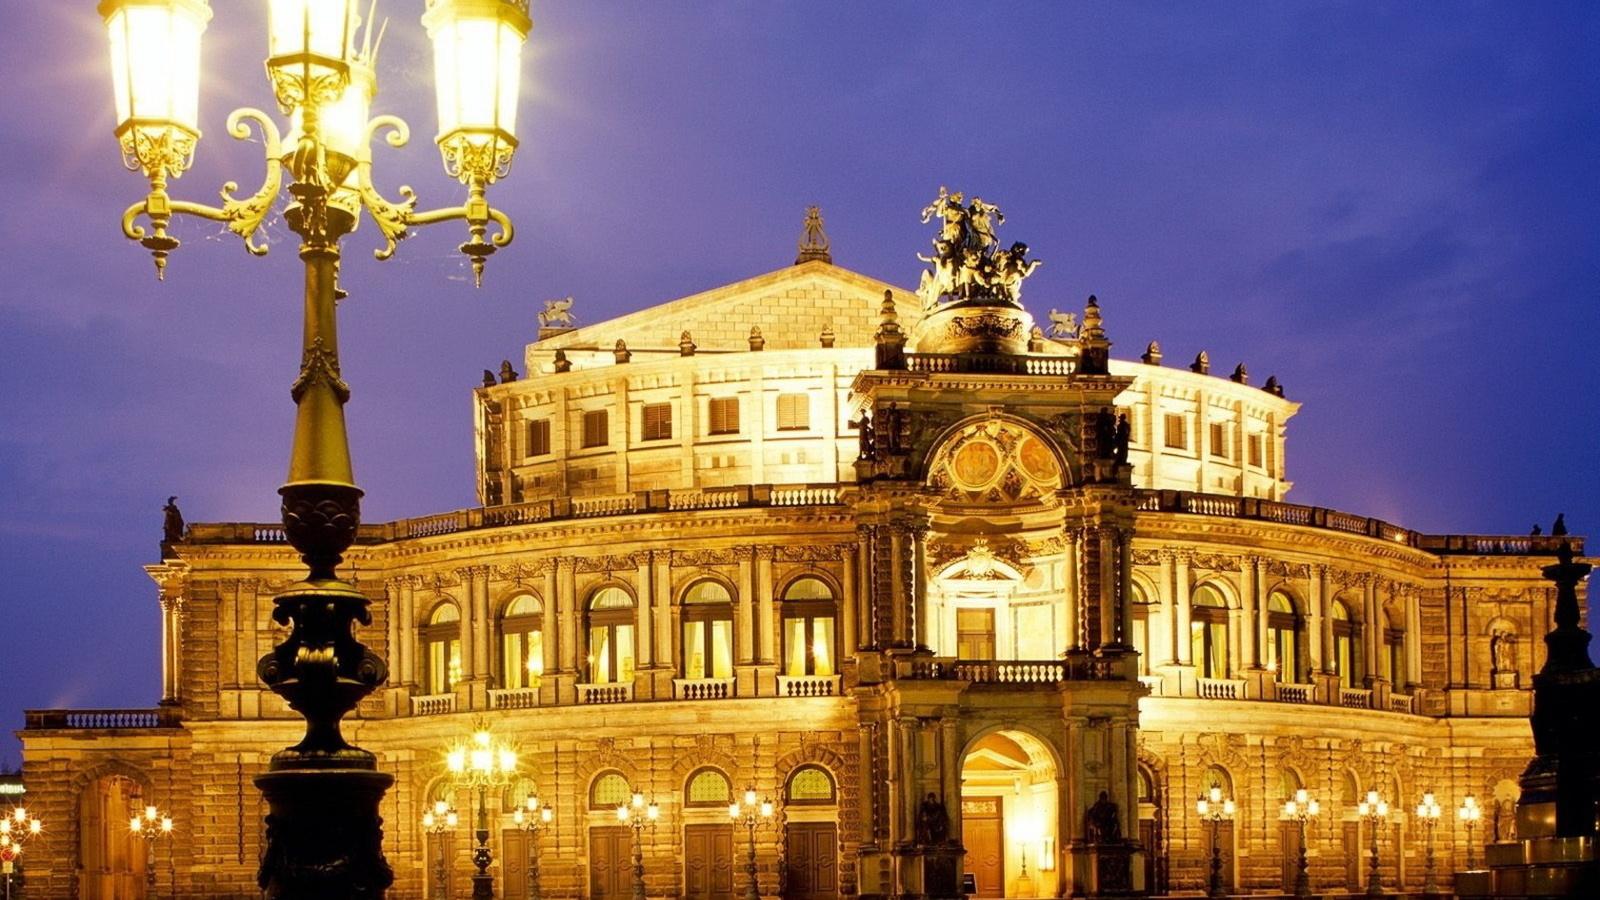 архитектурный шедевр, ночные огни города, скульптура